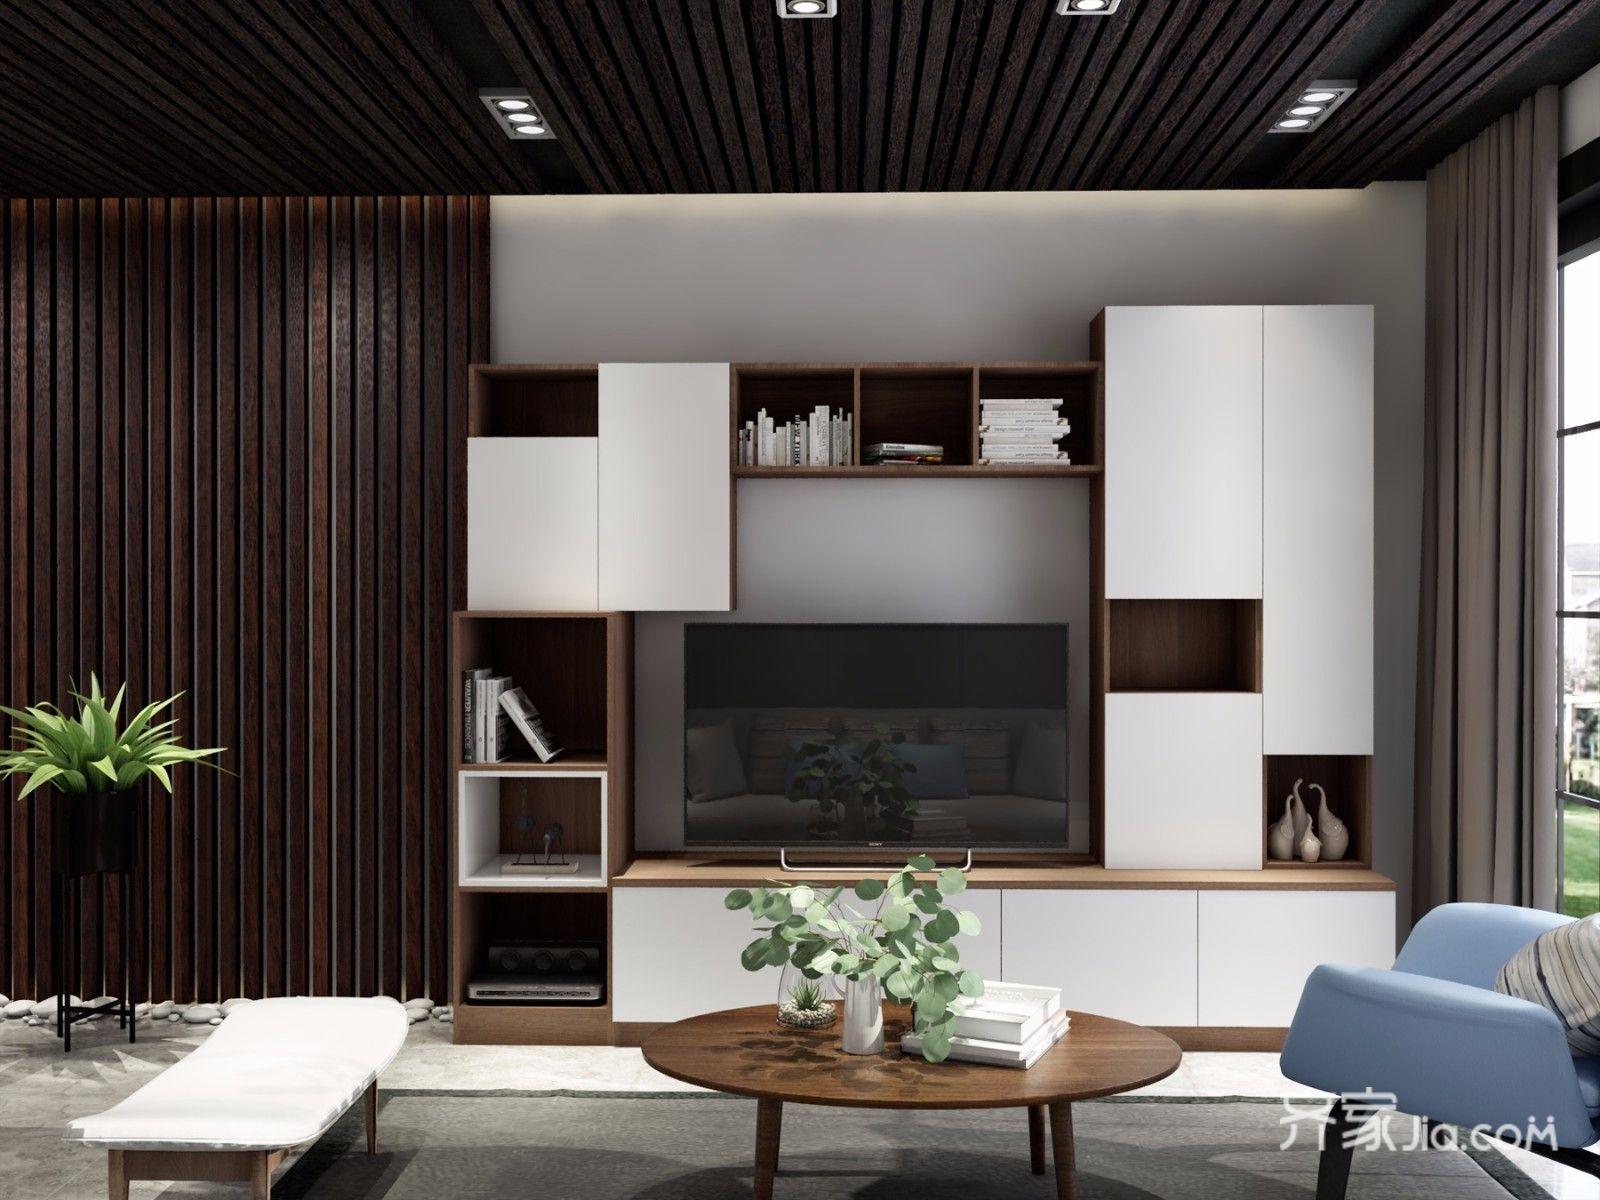 二居室简约风格装修电视背景墙效果图